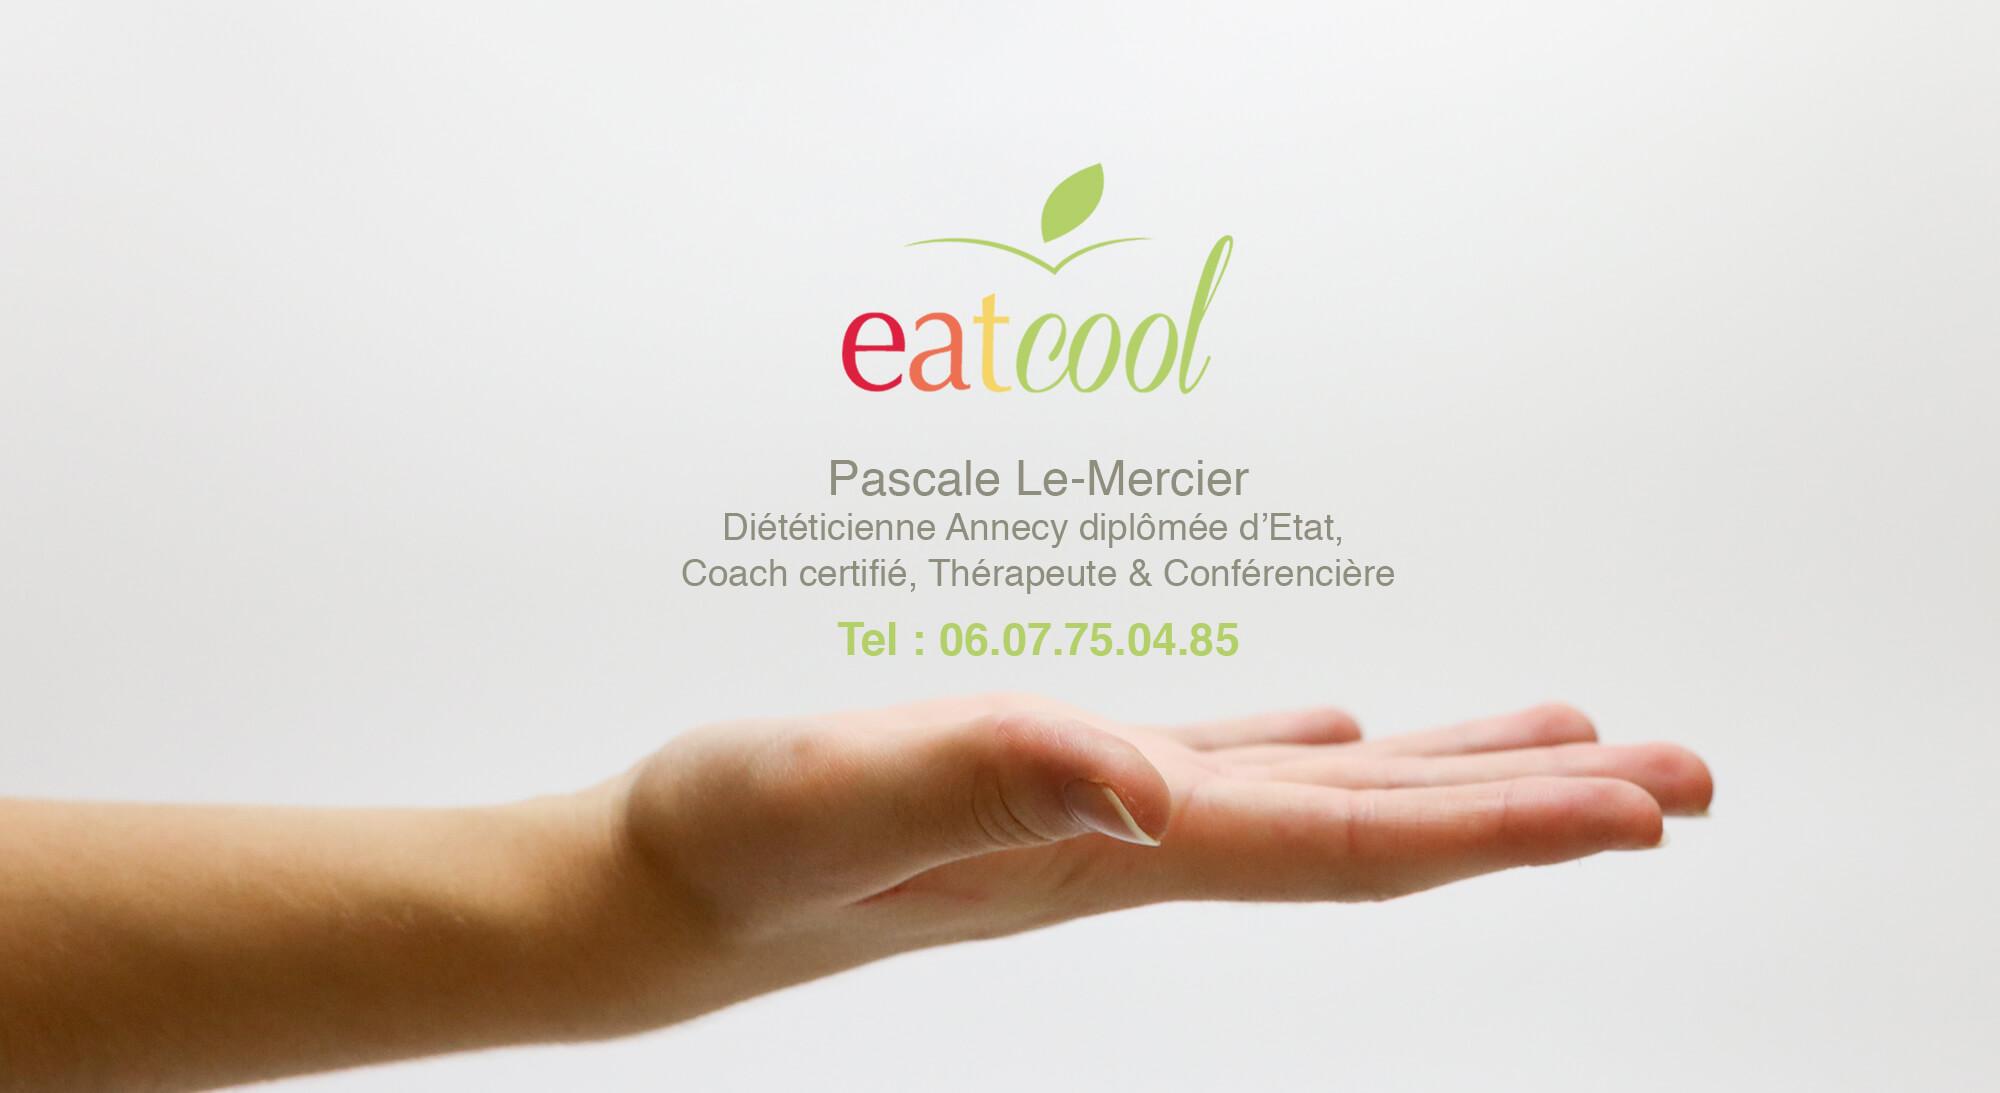 eatcool diététicienne Annecy